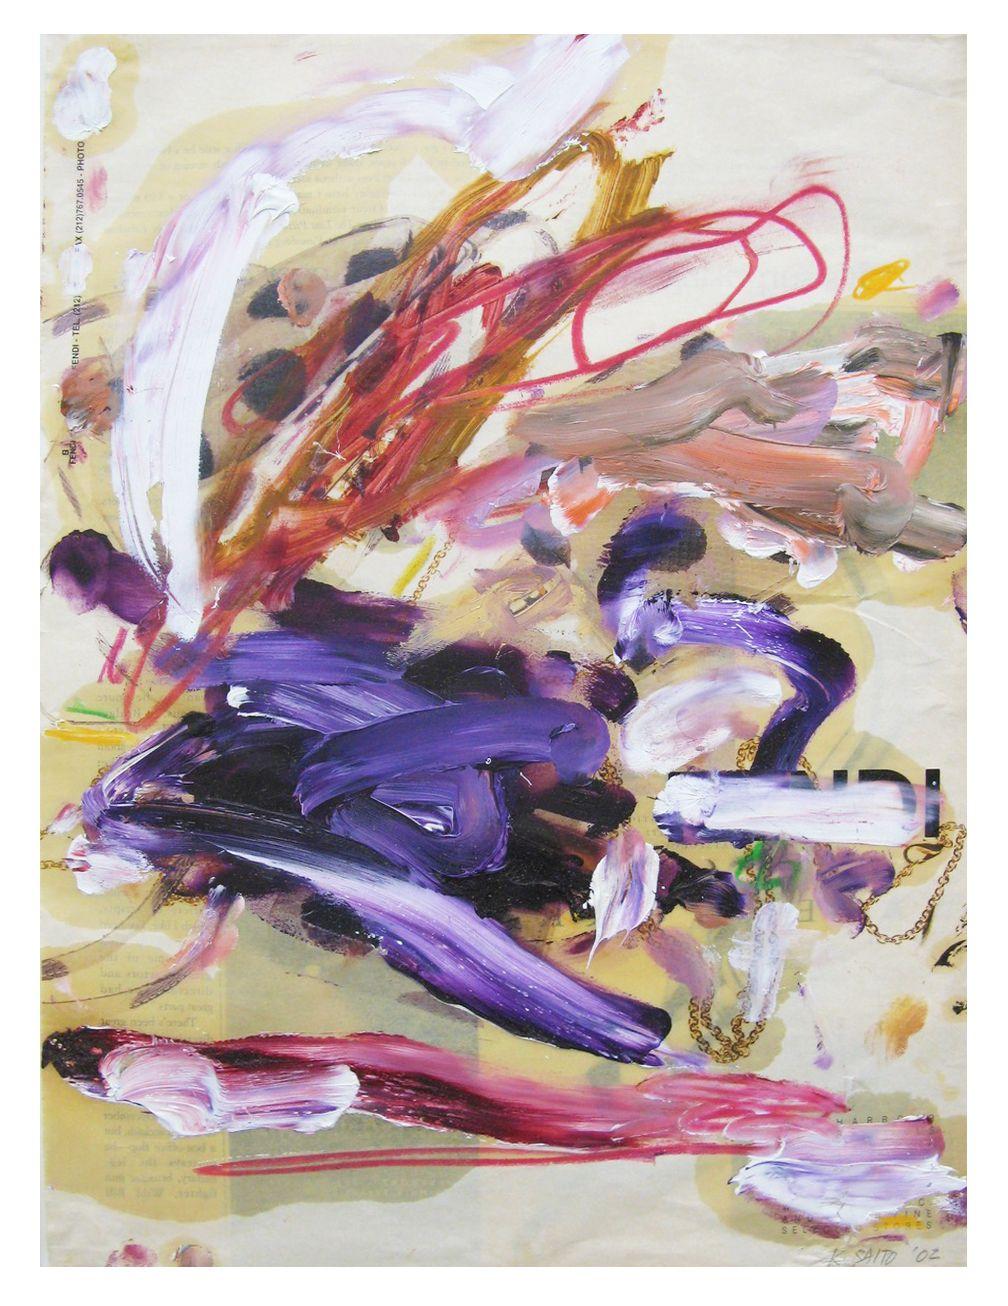 Kikuo Saito, #77, 2002